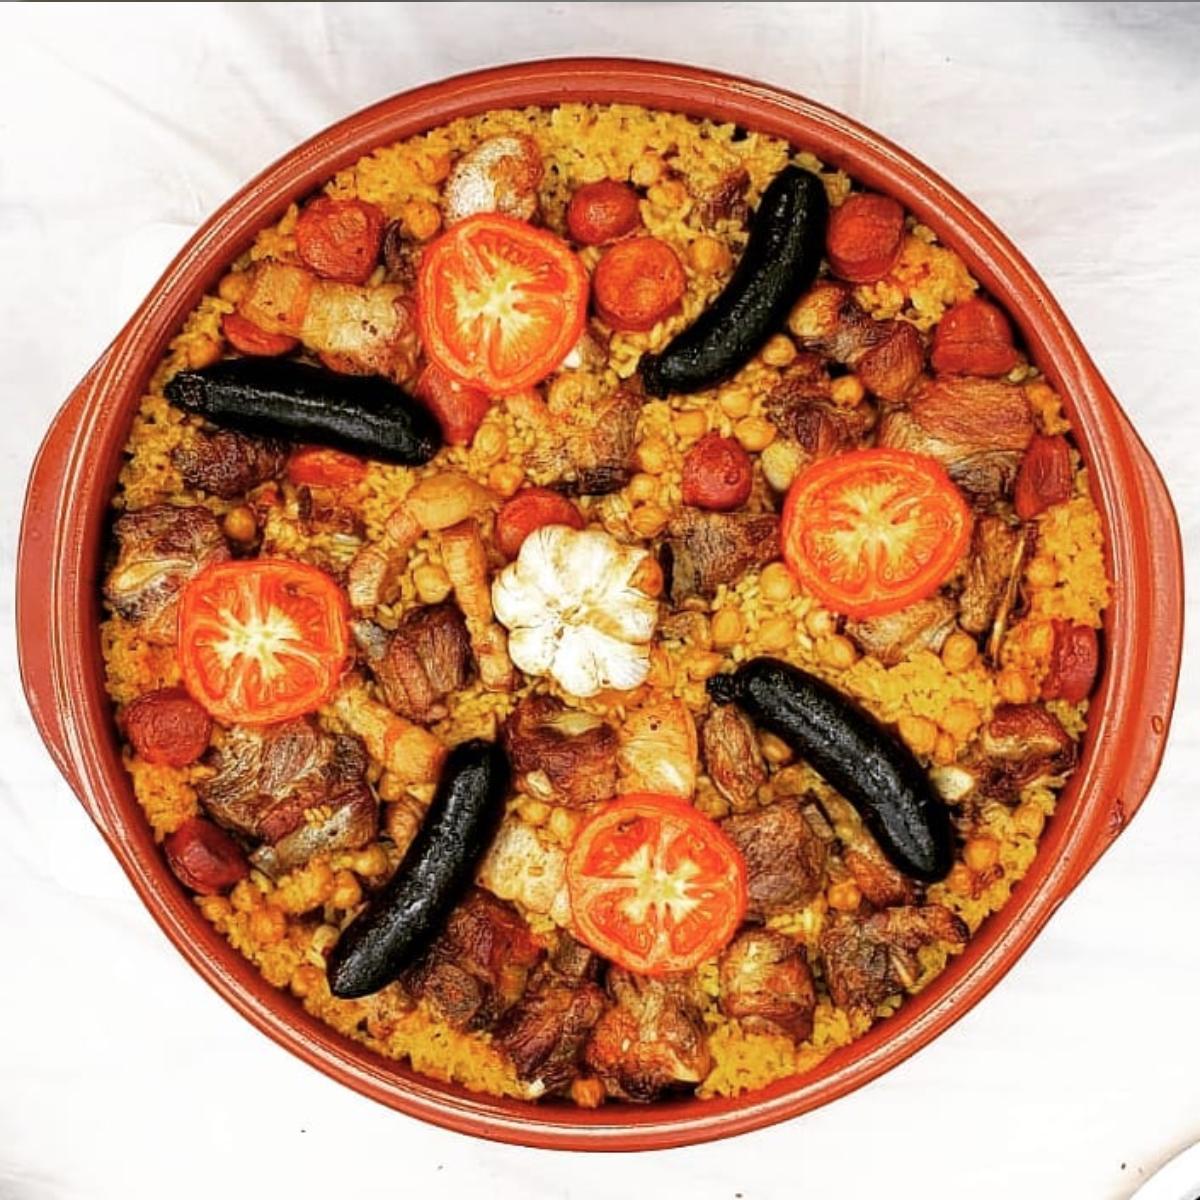 Valencian Arroz al horno (bake rice)